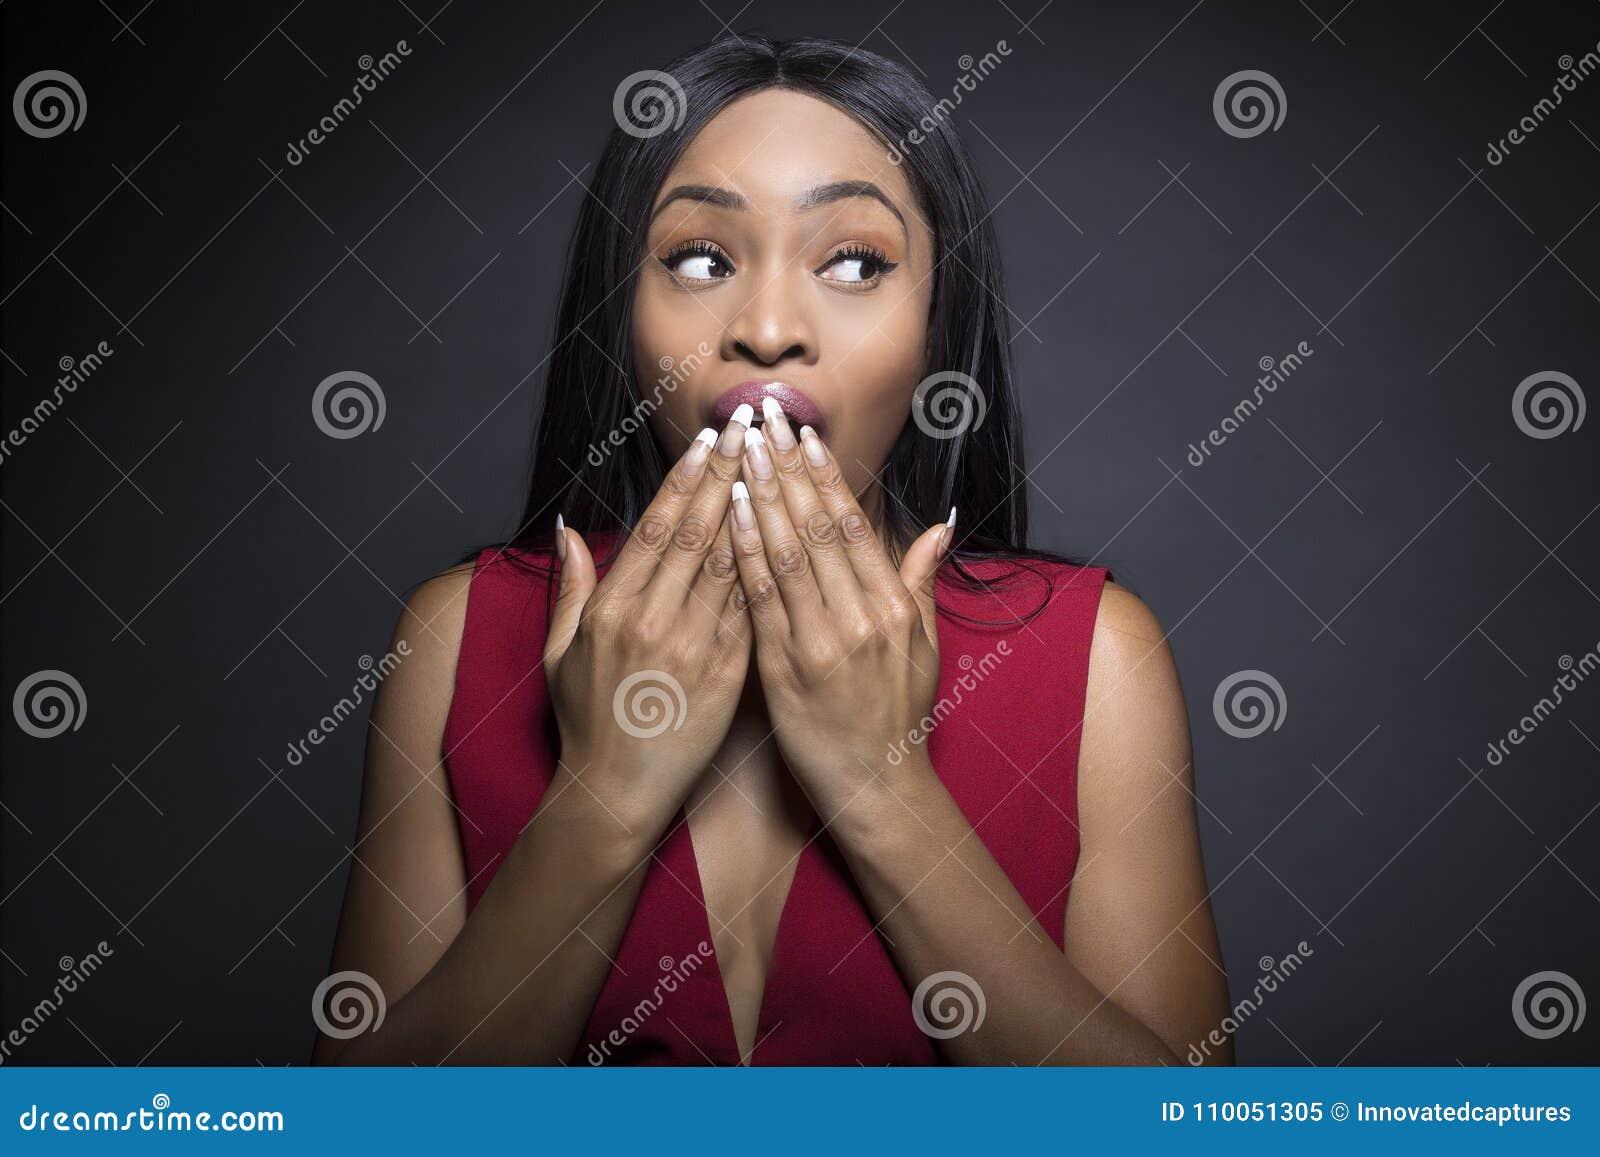 Svart kvinnlig med chockade uttryck